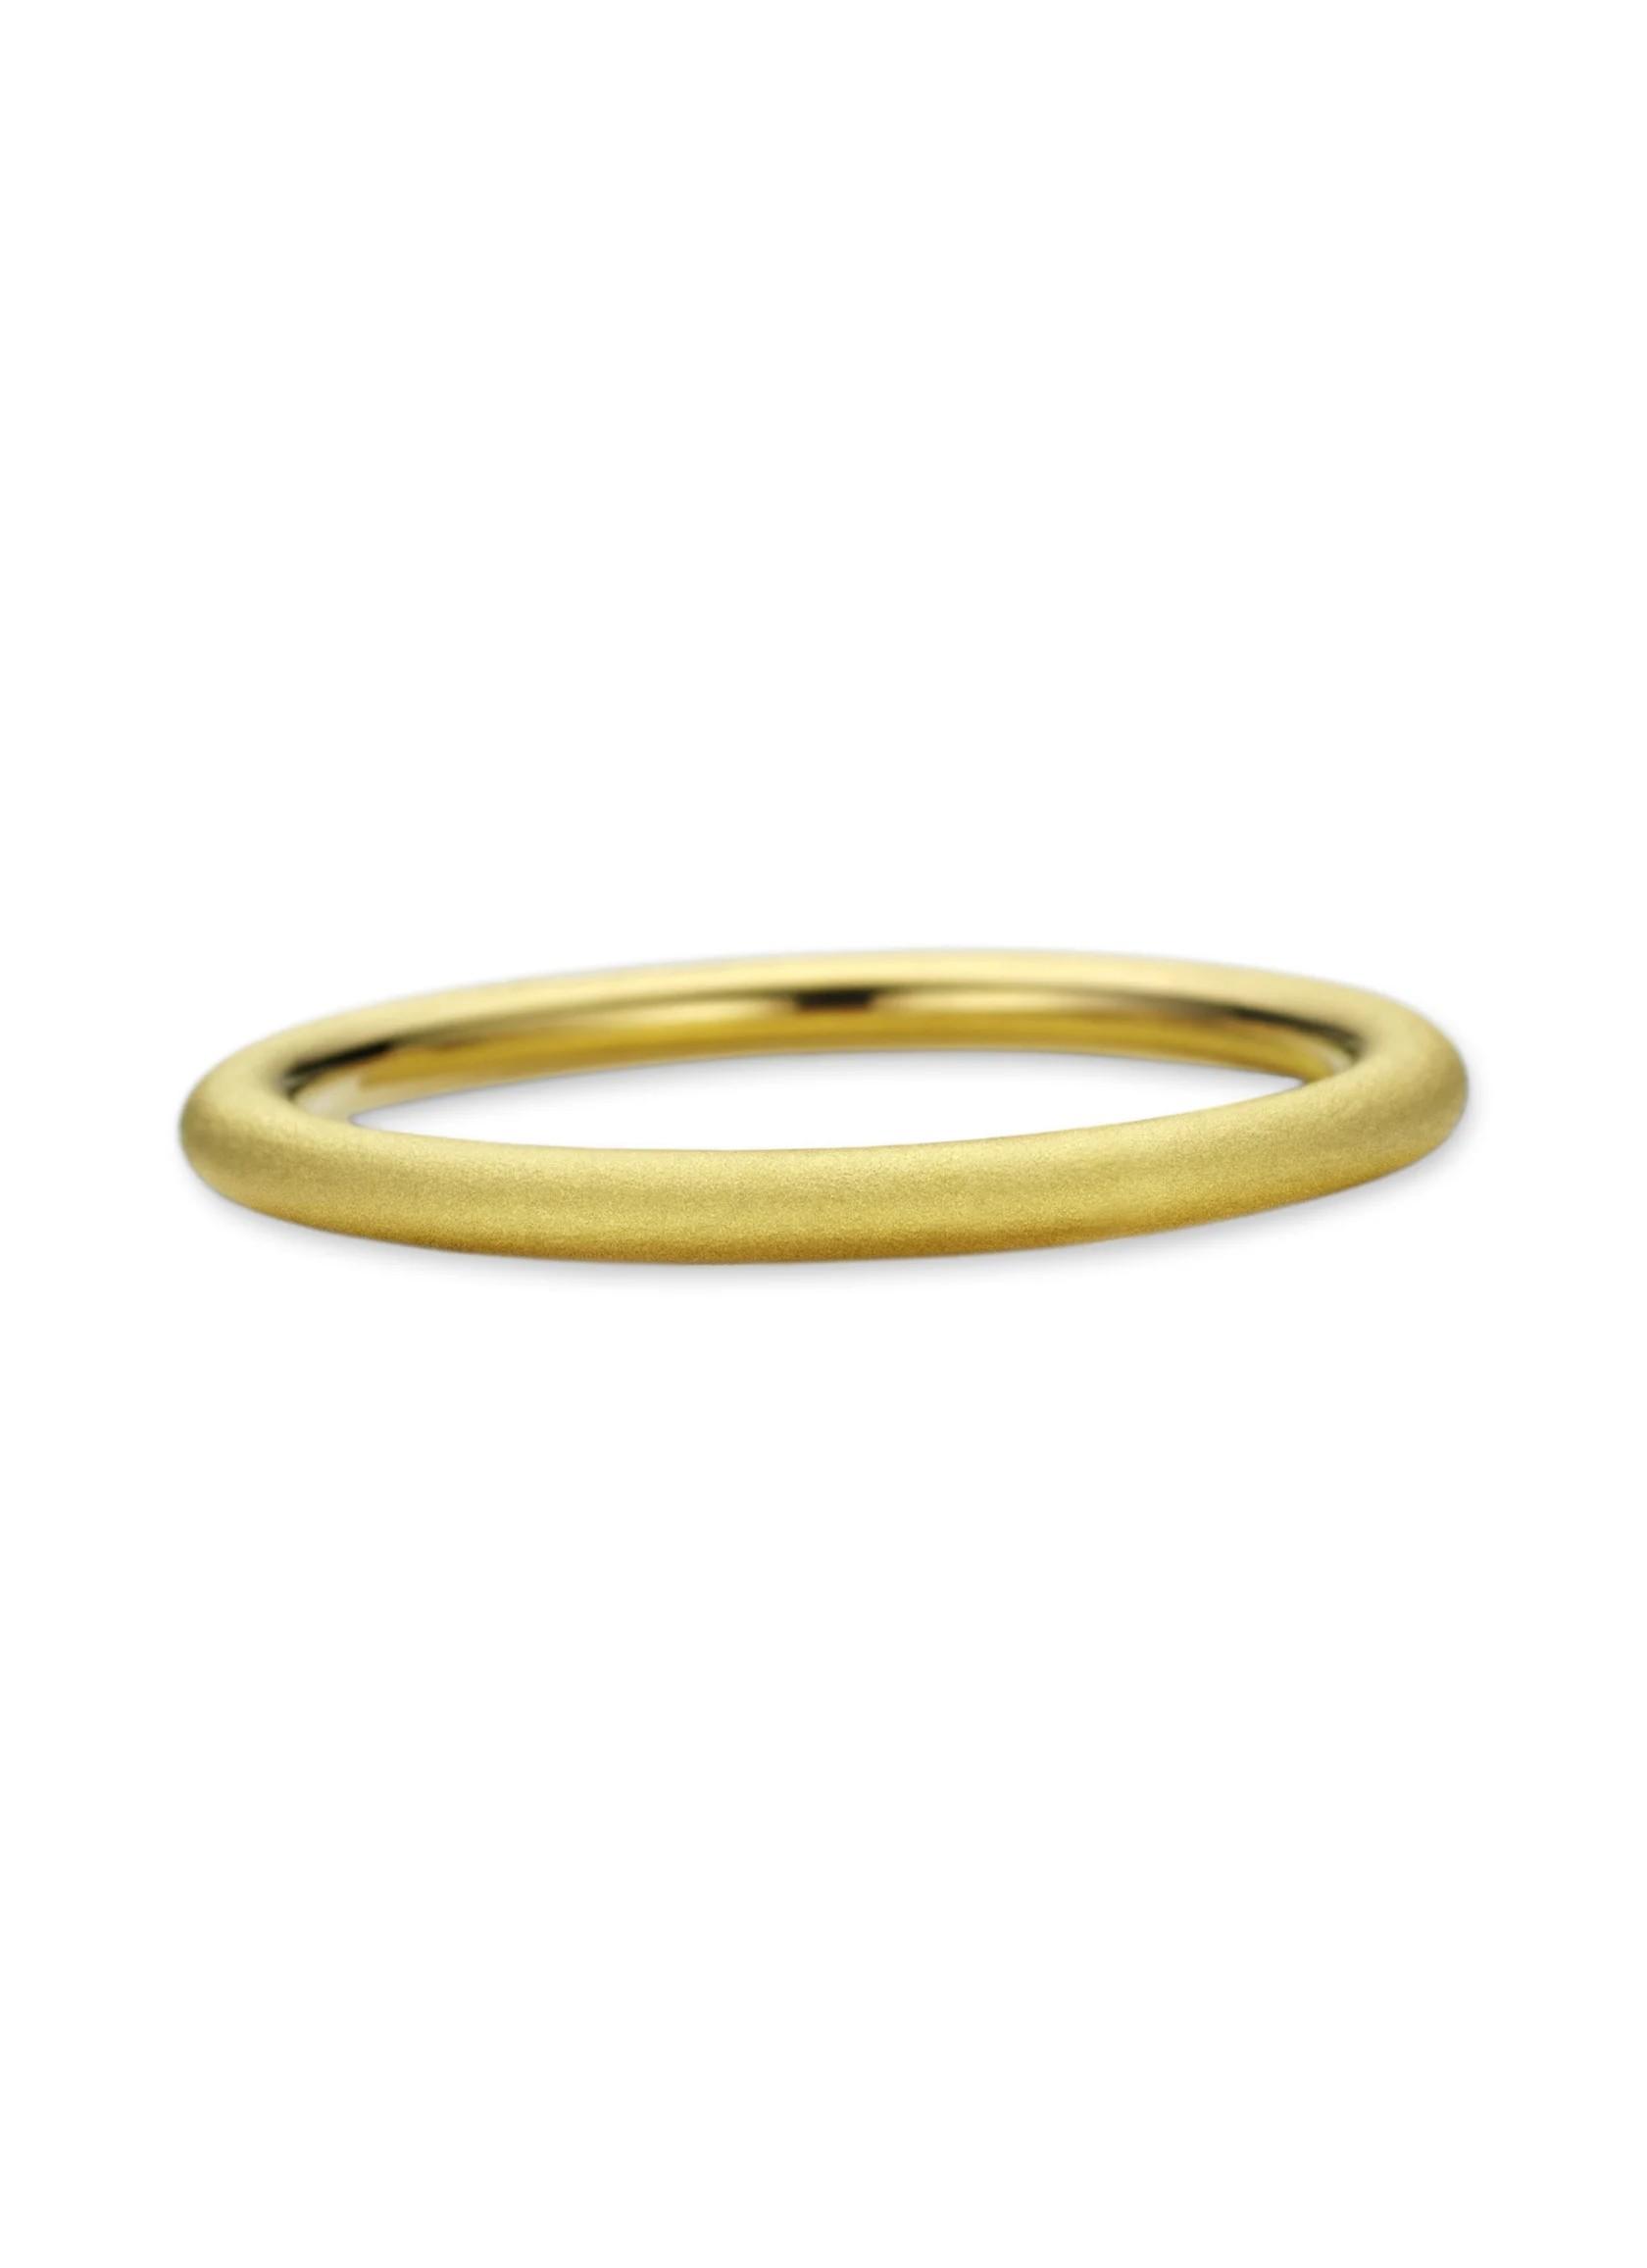 Ring Solaris 6 18ct Gold - Niessing - N331500.S6o